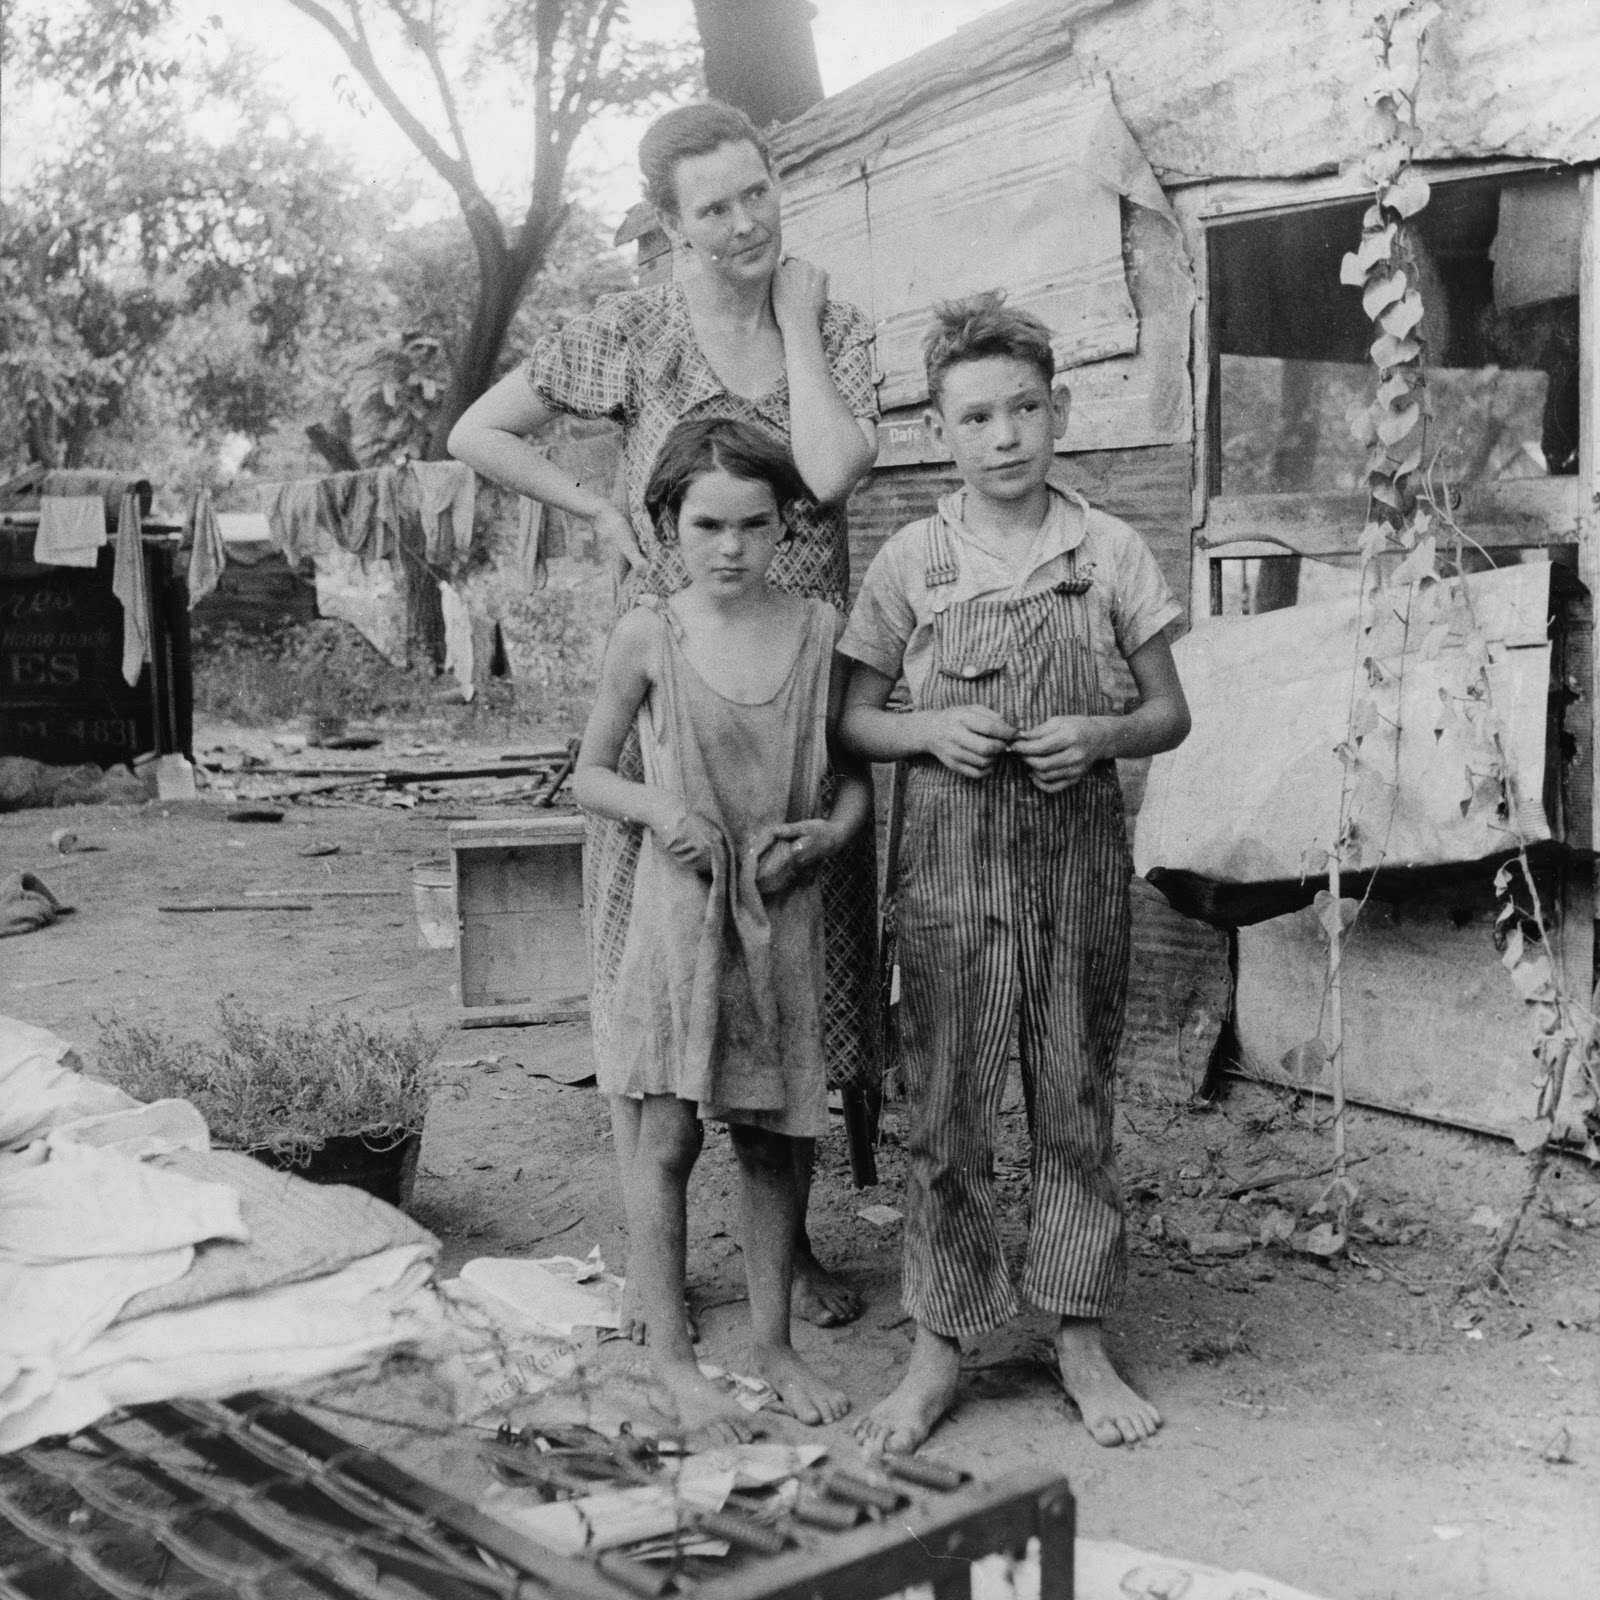 Fotografía de niños inmigrantes en los años 60s